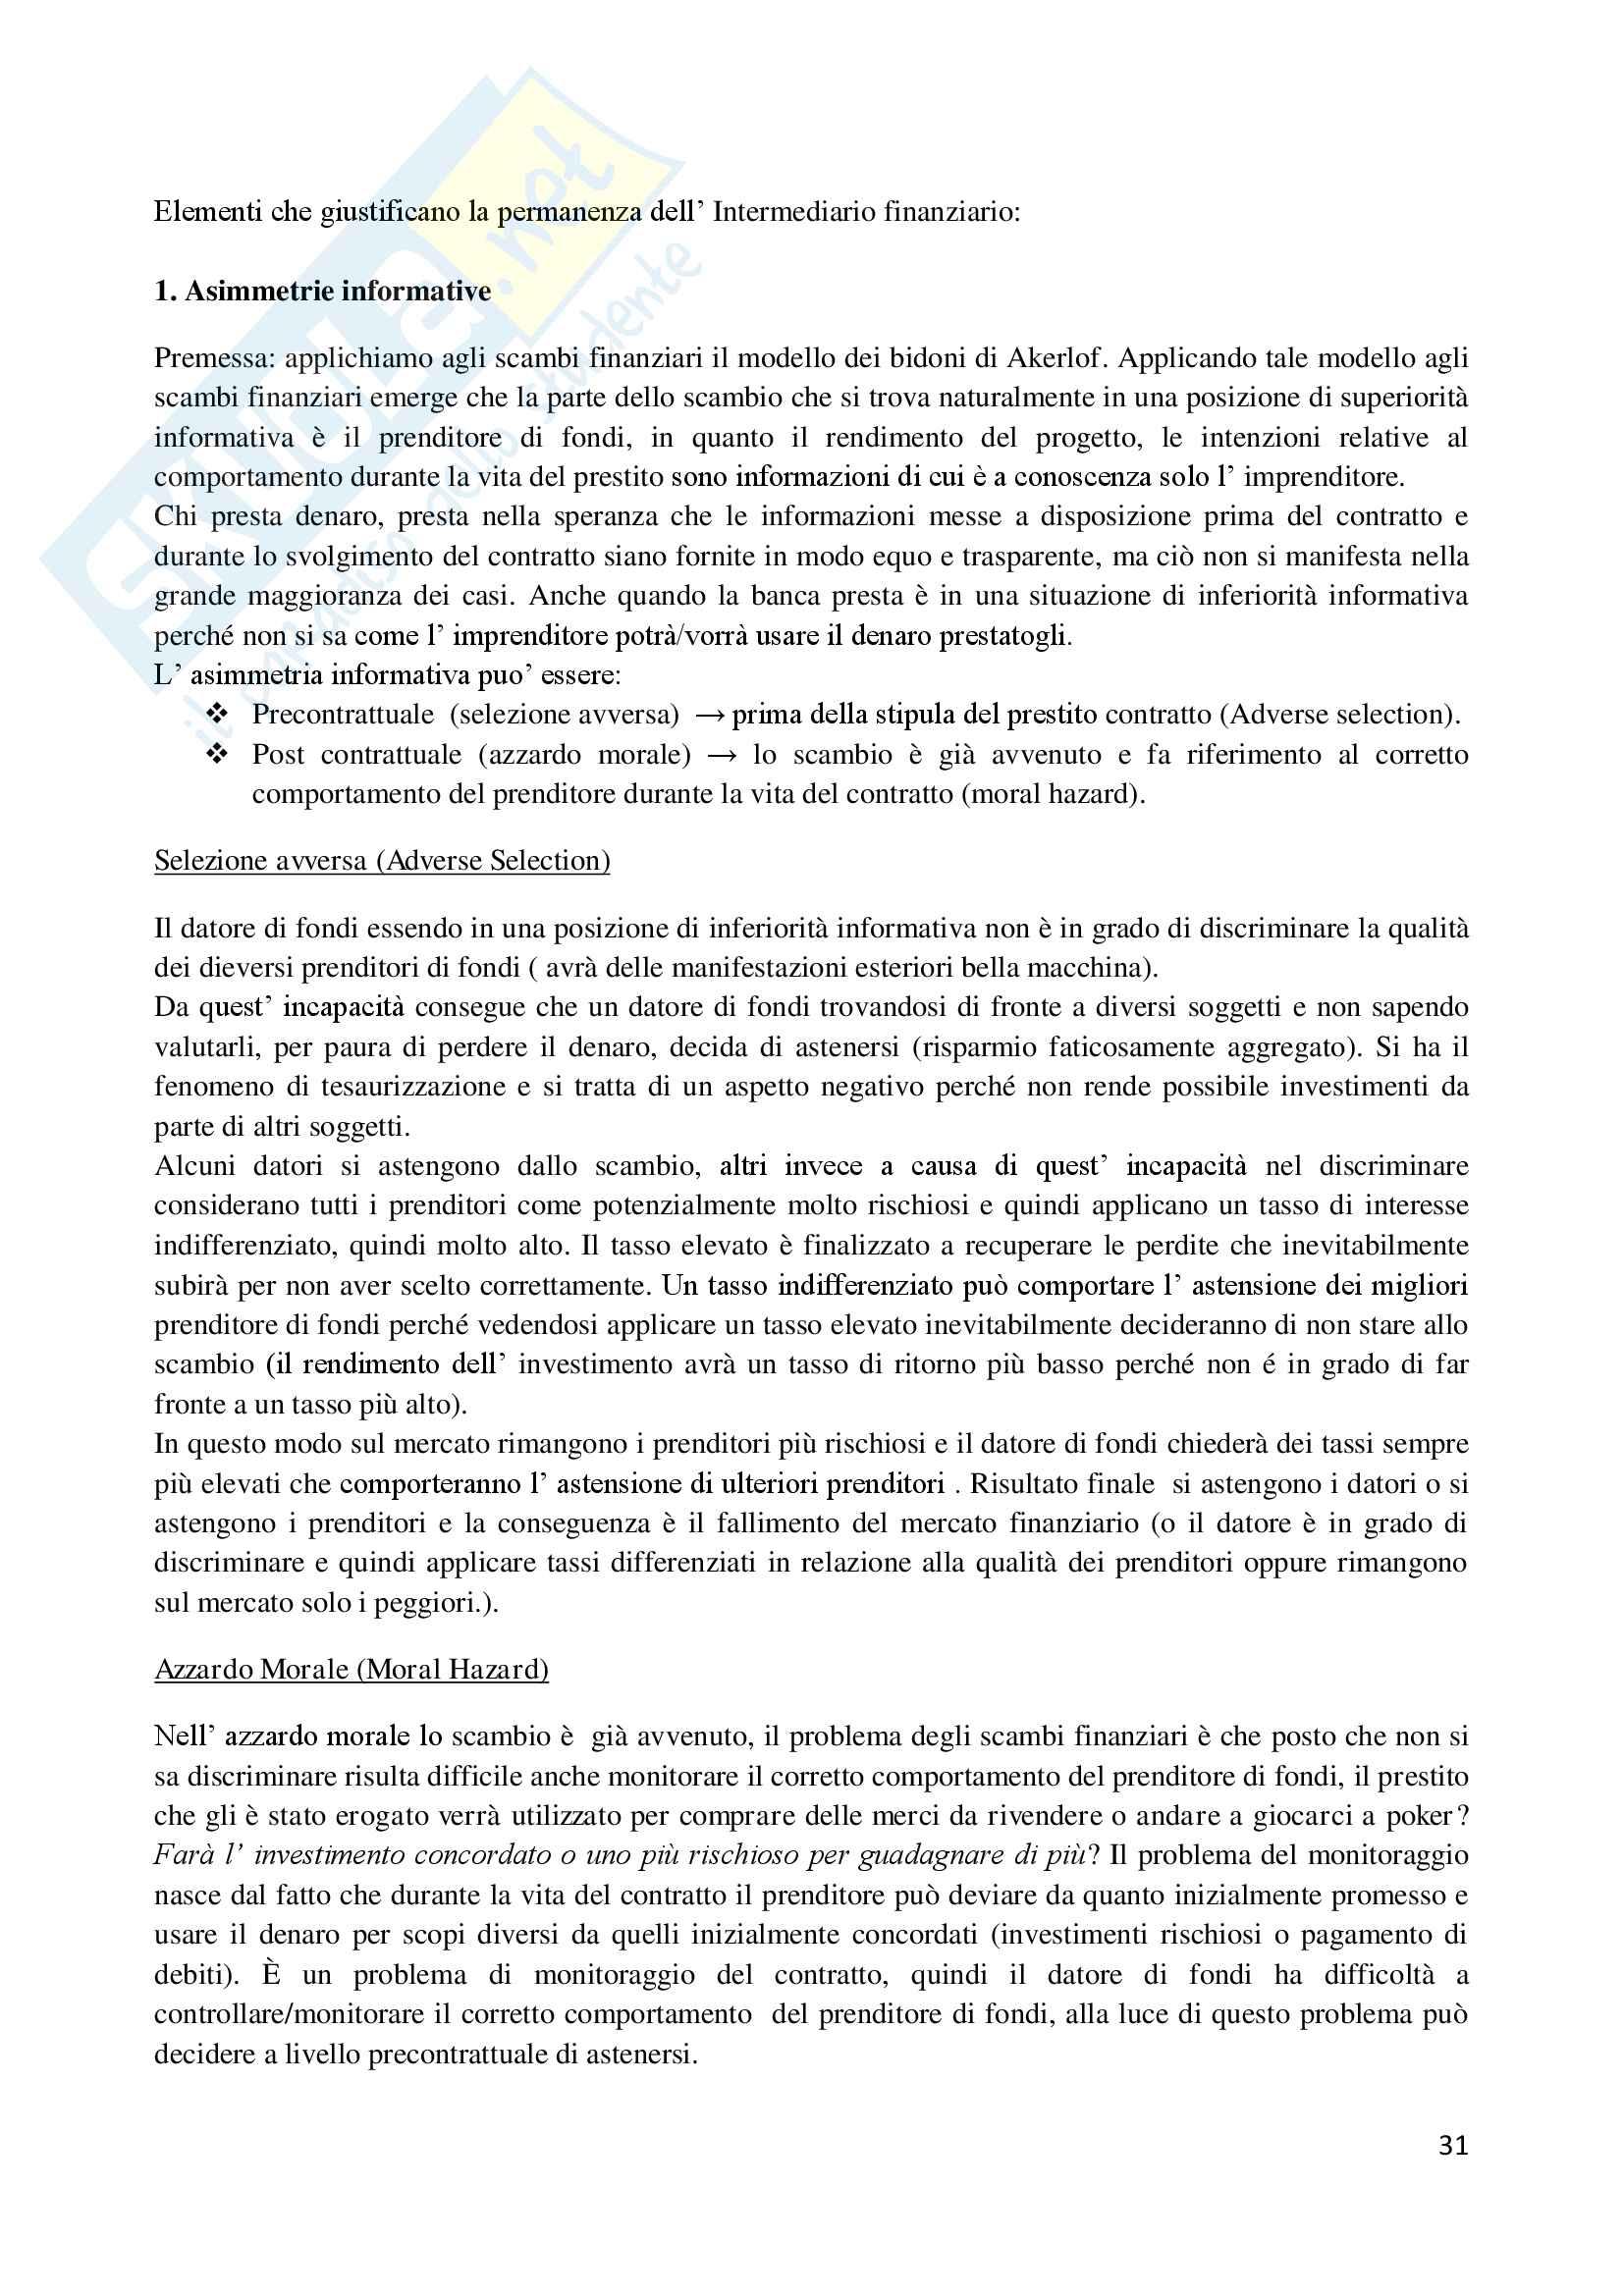 Economia degli intermediari finanziari Pag. 31